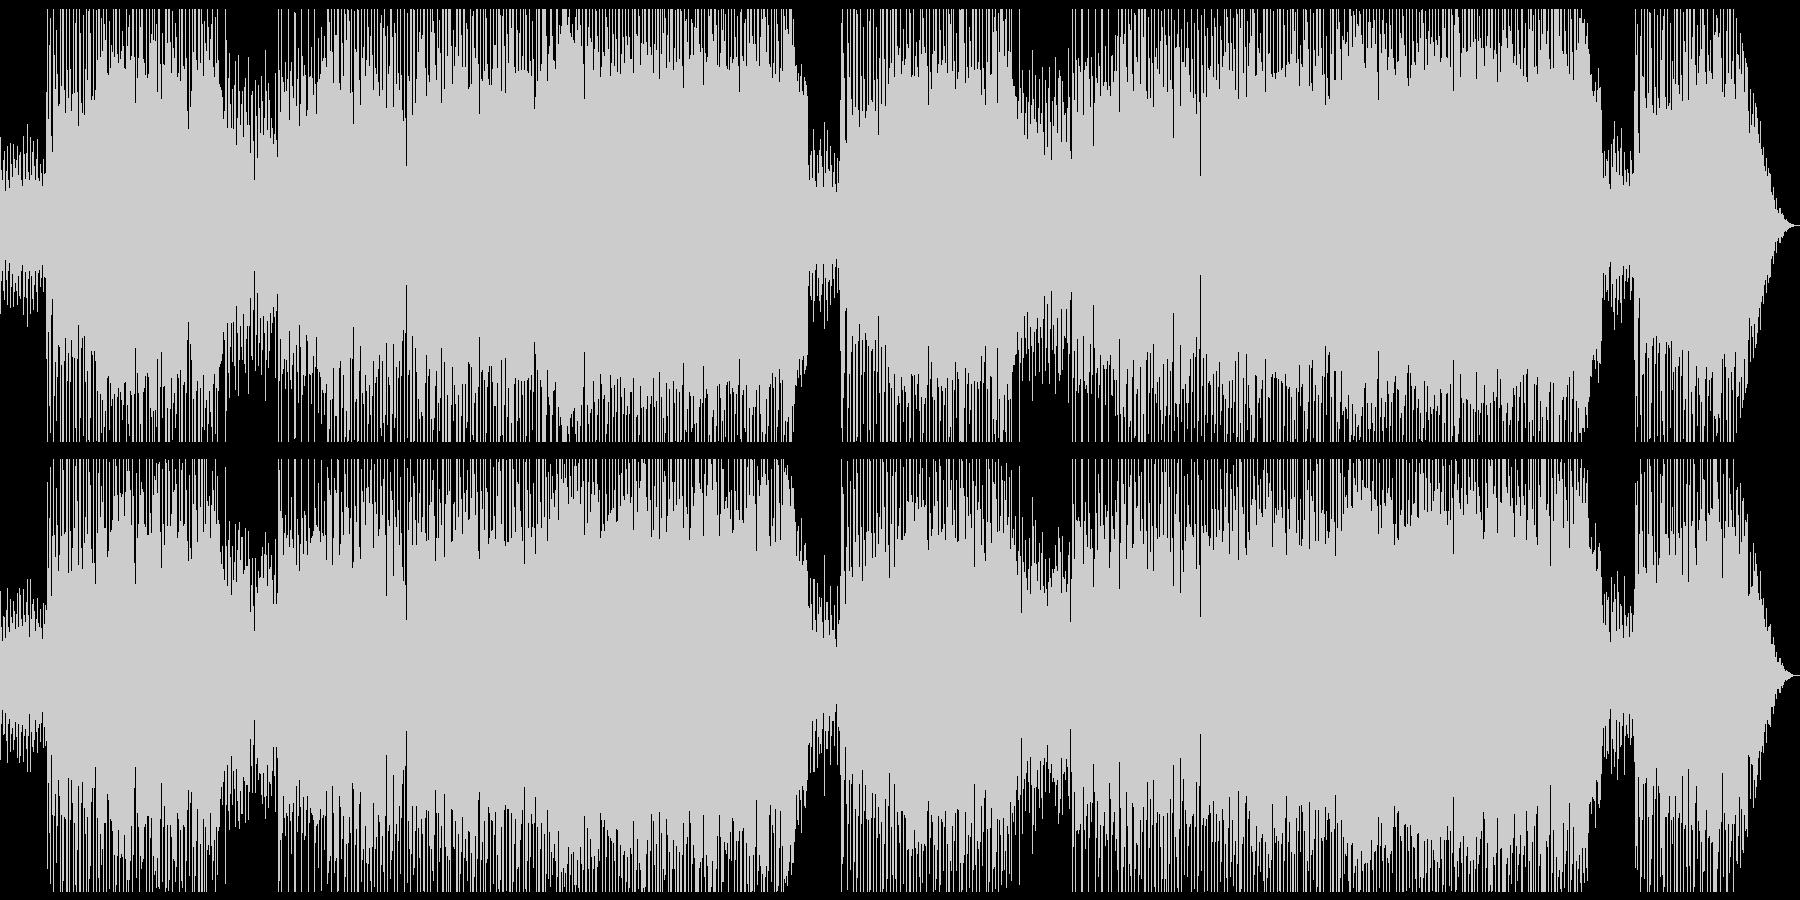 シャッフルのリズムが軽快さを感じさせる曲の未再生の波形